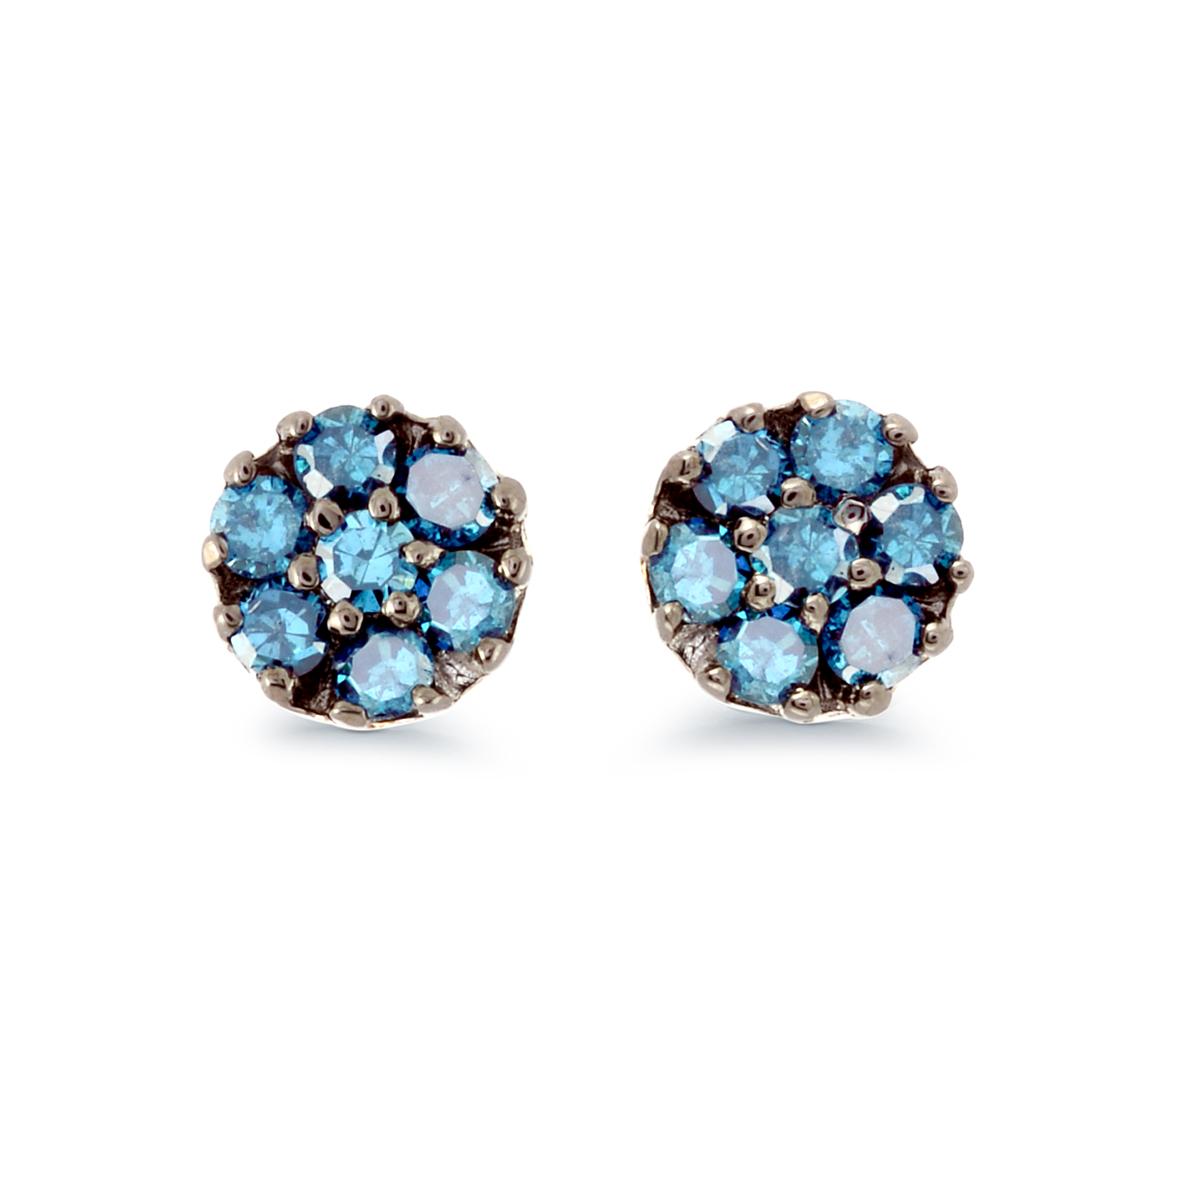 Boucles d'oreilles fleurs à tiges fixes serties de diamants bleus totalisant 0.20 Carats - Argent sterling